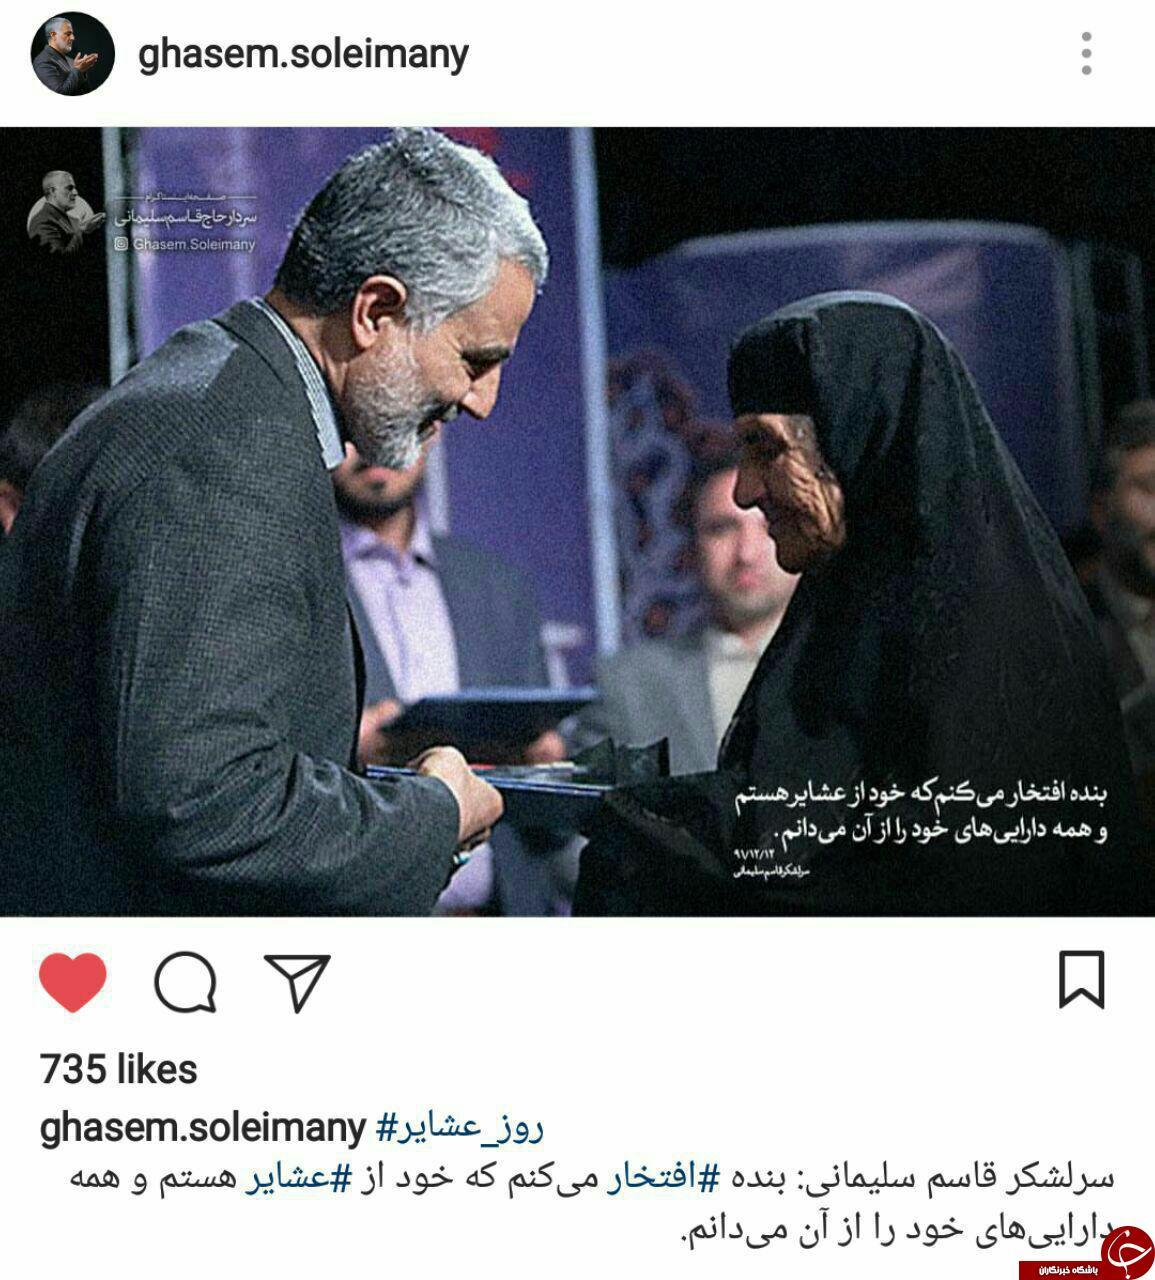 پست اینستاگرامی صفحه سردار سلیمانی به مناسبت روز عشایر + عکس